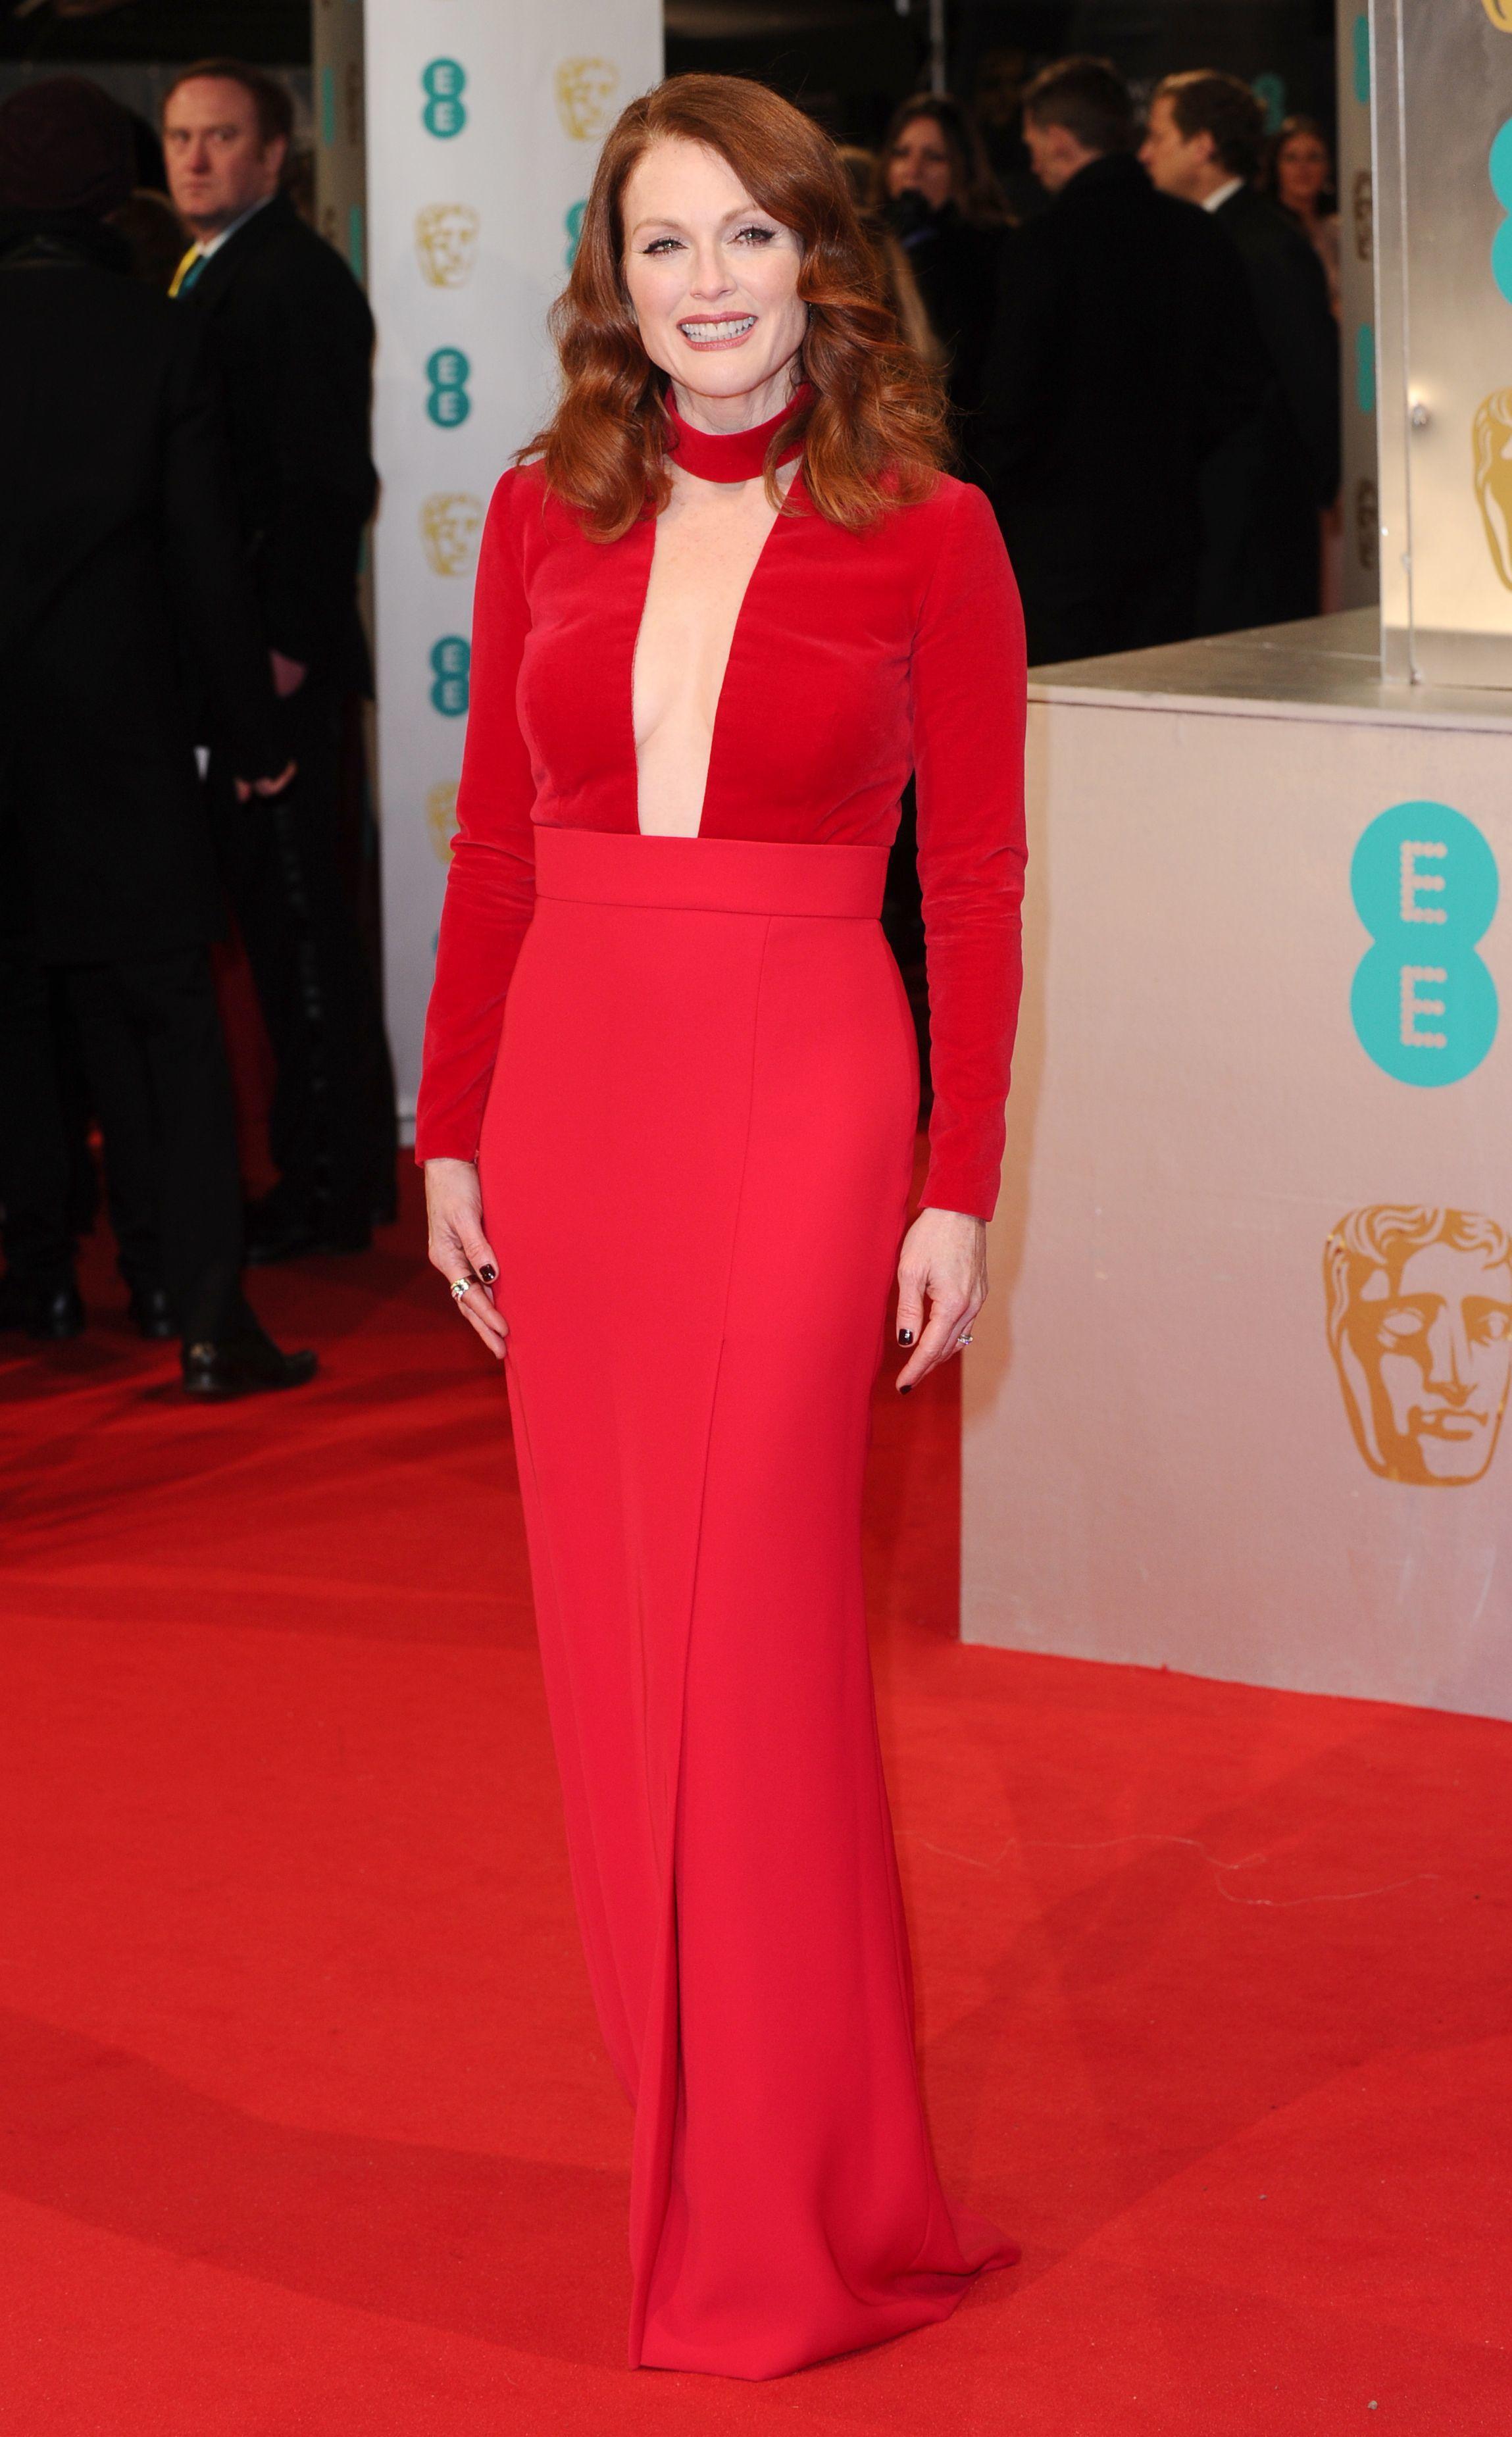 Julianne Moore attends the BAFTA Awards in London on Feb. 8, 2015.